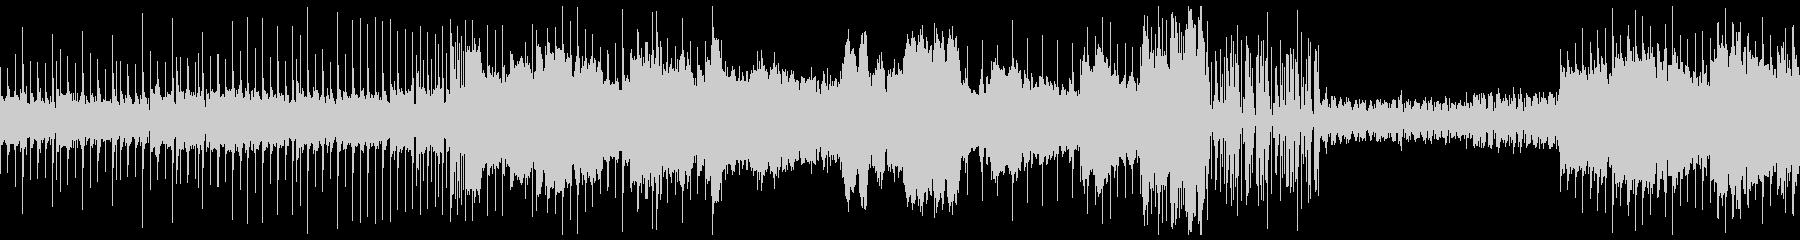 ループ可、スタイリッシュなEDMの未再生の波形